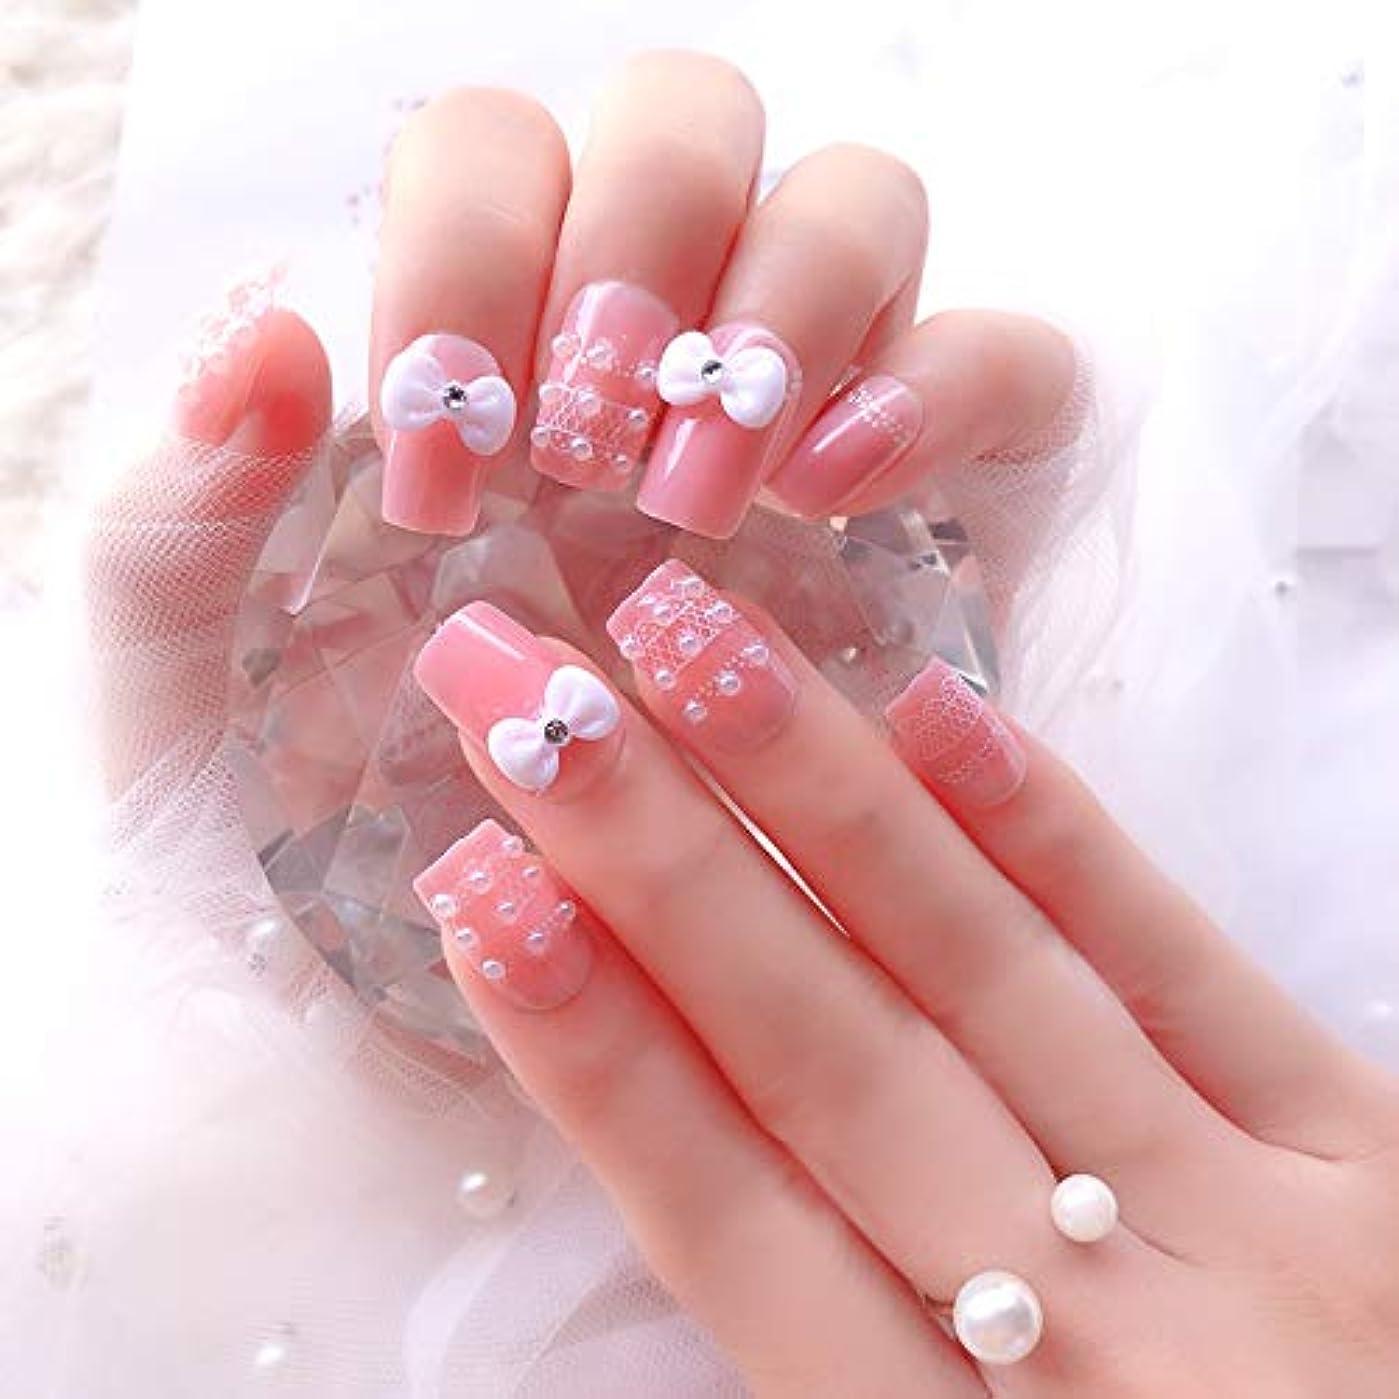 リファインエキスパートあいにく花嫁ネイル 手作りネイルチップ 和装 ネイル 24枚入 結婚式、パーティー、二次会など 可愛い優雅ネイル 蝶の飾り付け (ピンク)